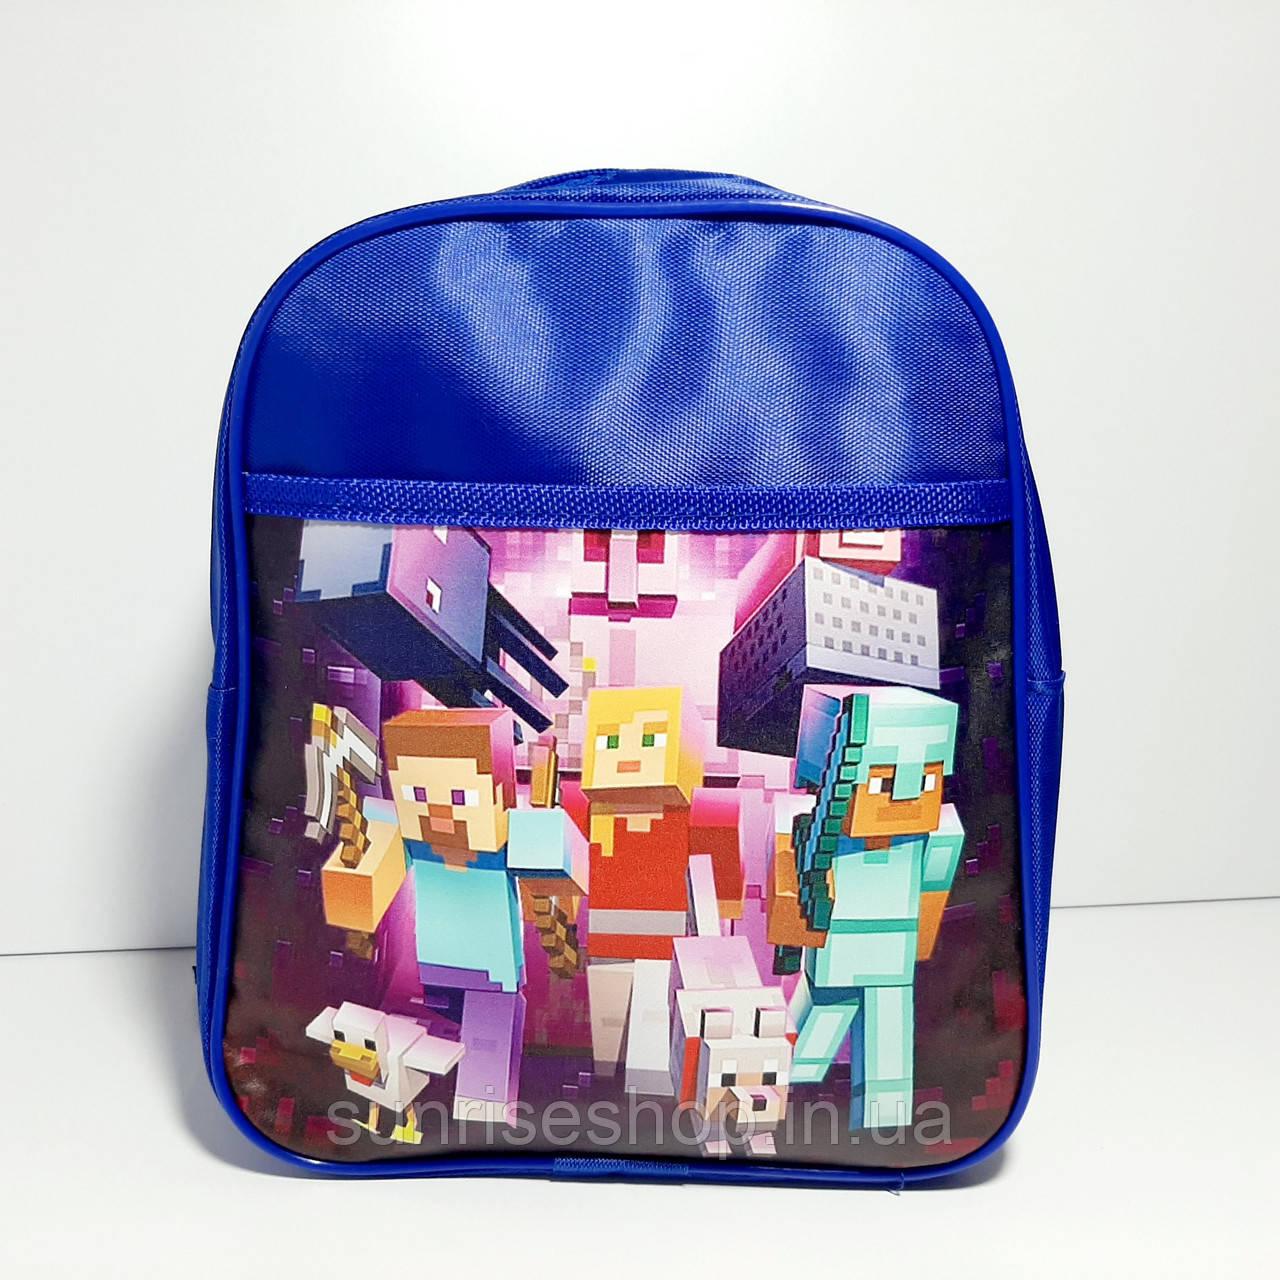 Рюкзак для мальчика Мультгерои